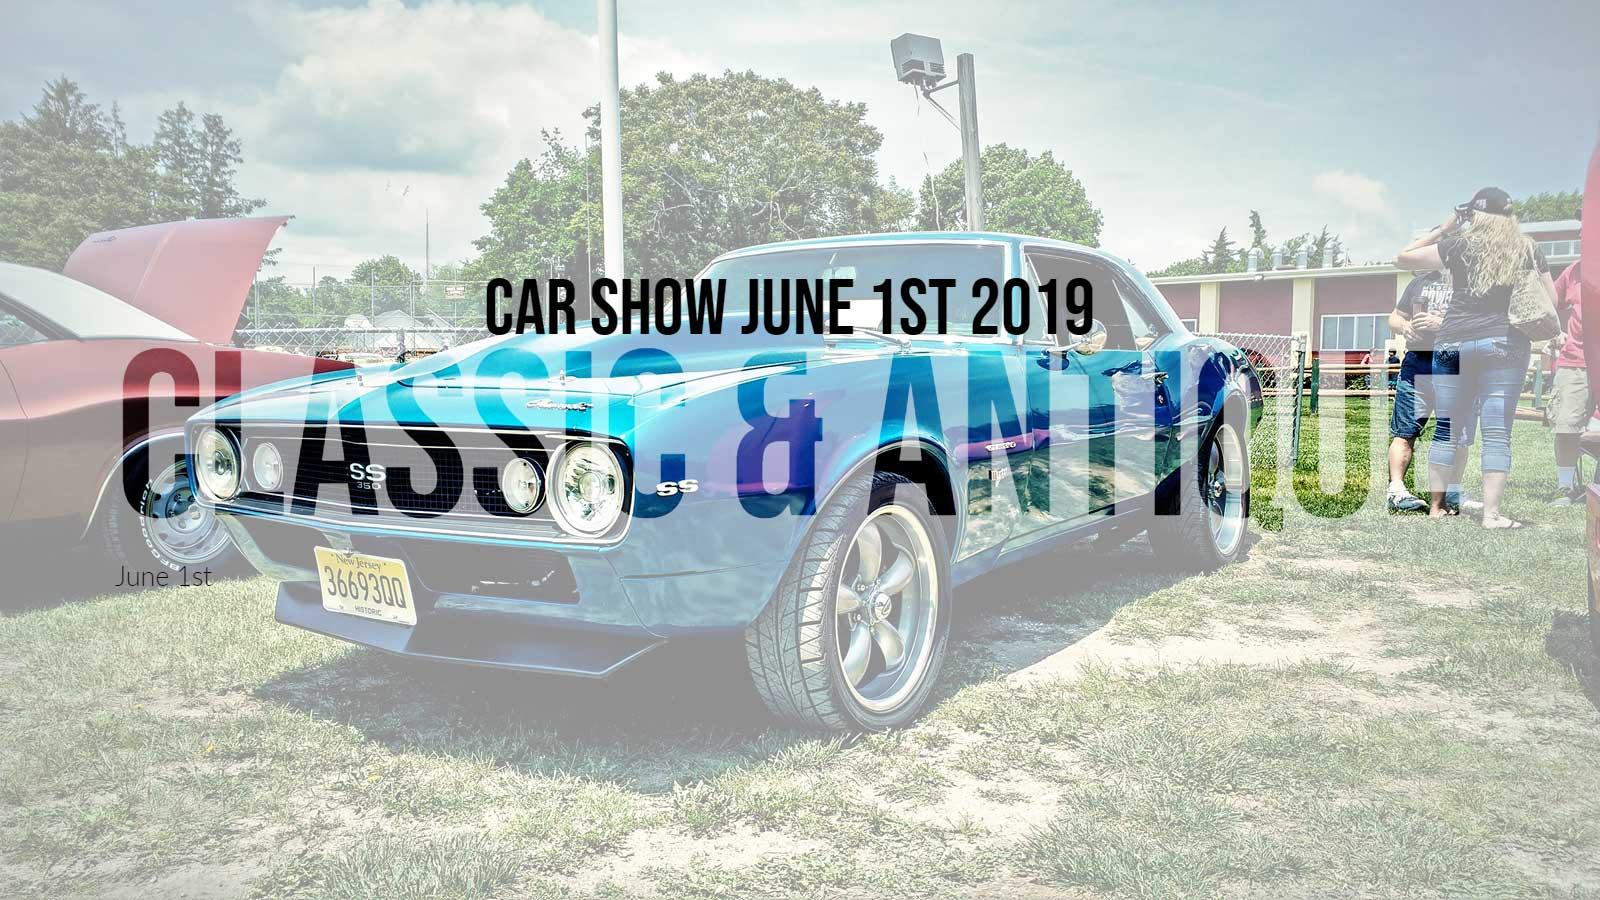 Classic & Antique Car Show June 1st 2019